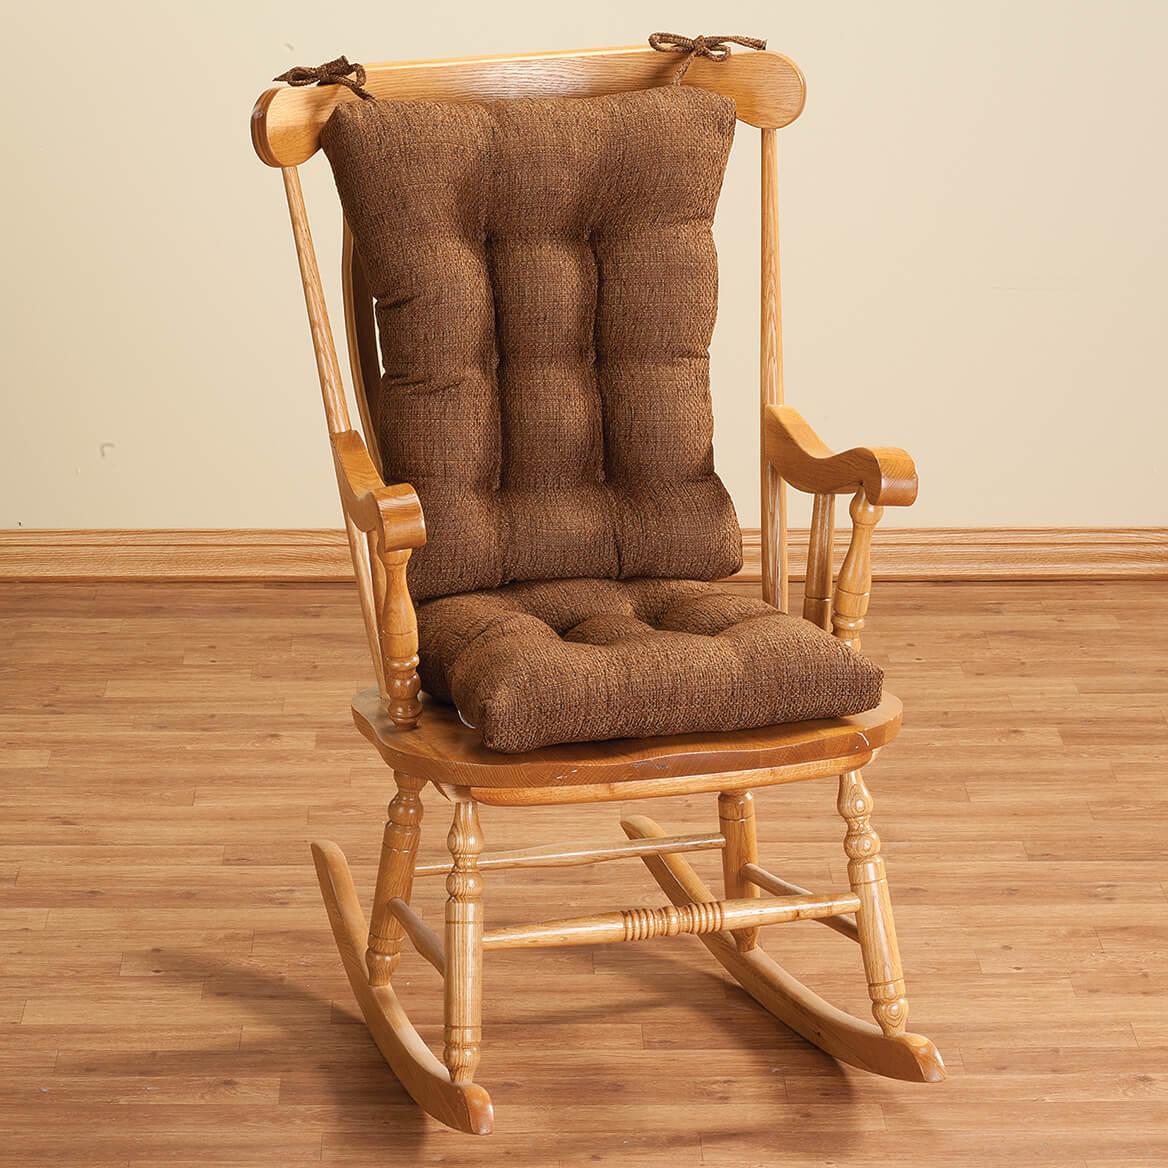 Tyson Rocking Chair Cushion Set & Rocking Chair Cushion Set - Rocking Chair Cushions - Walter Drake